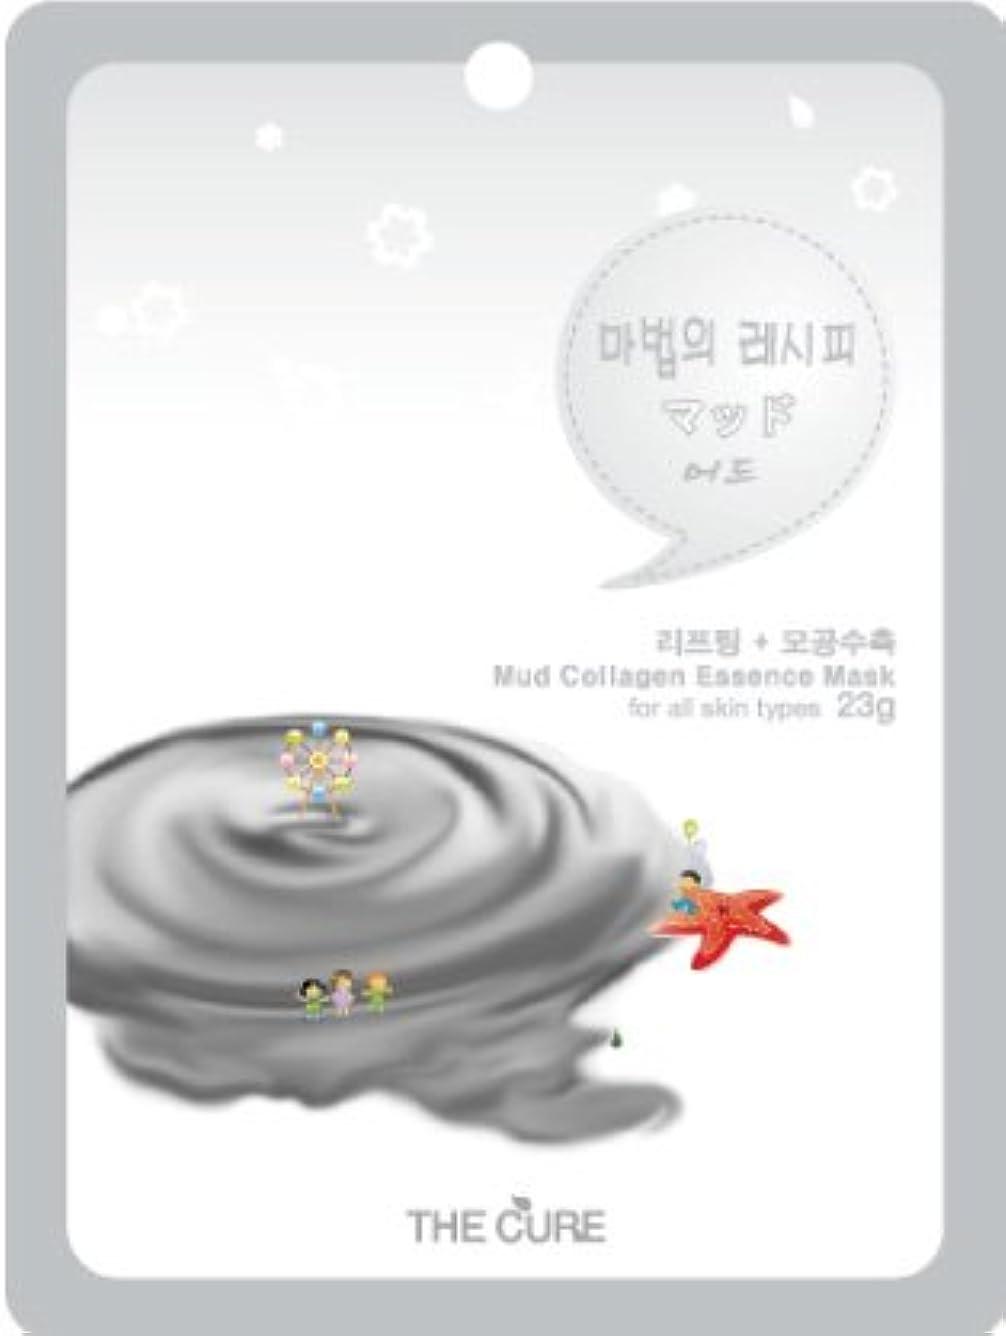 クランプ未来改修マッド コラーゲン エッセンス マスク THE CURE シート パック 10枚セット 韓国 コスメ 乾燥肌 オイリー肌 混合肌